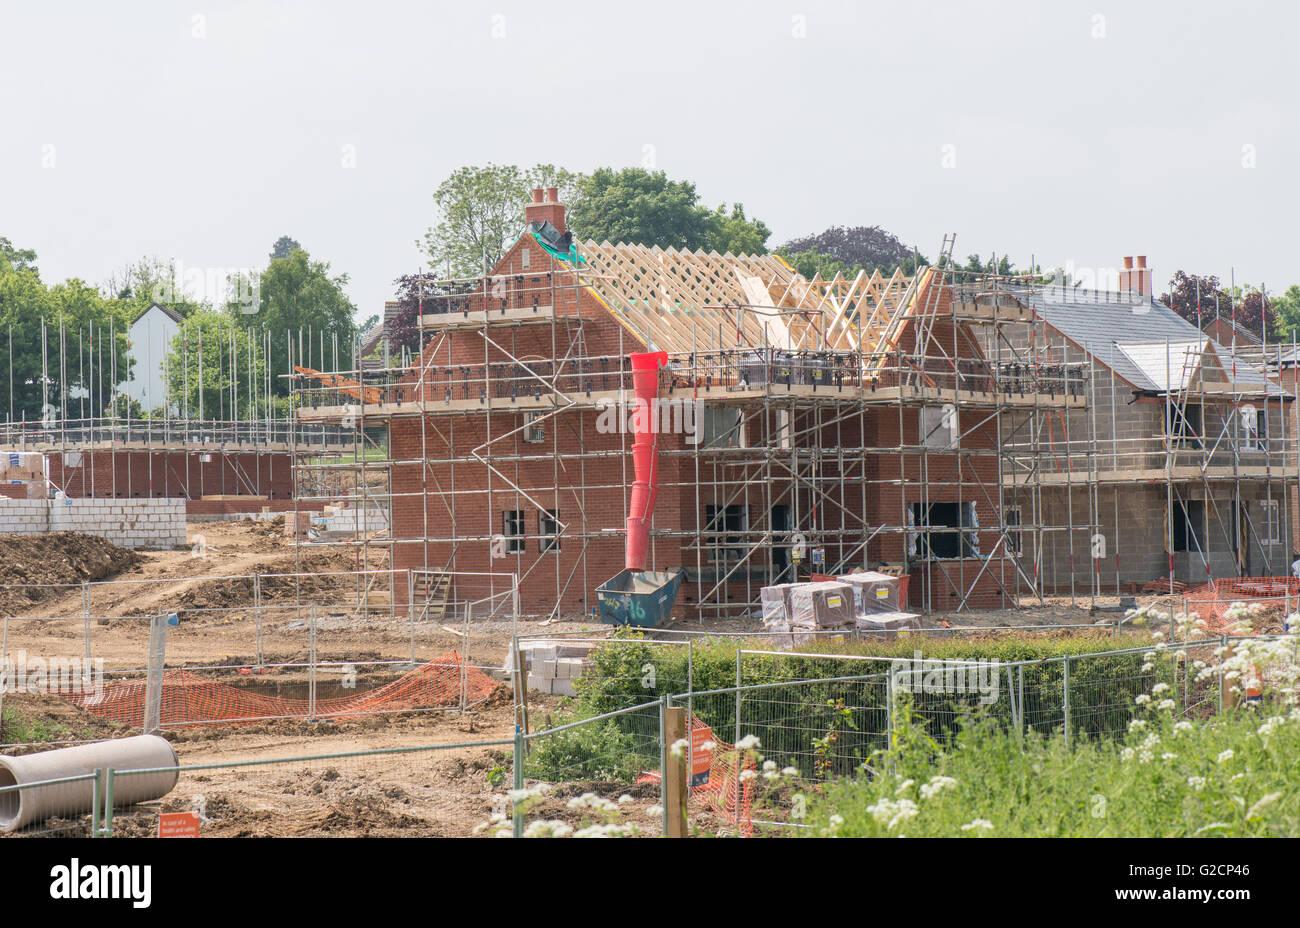 Haus zu bauen, uk Stockbild